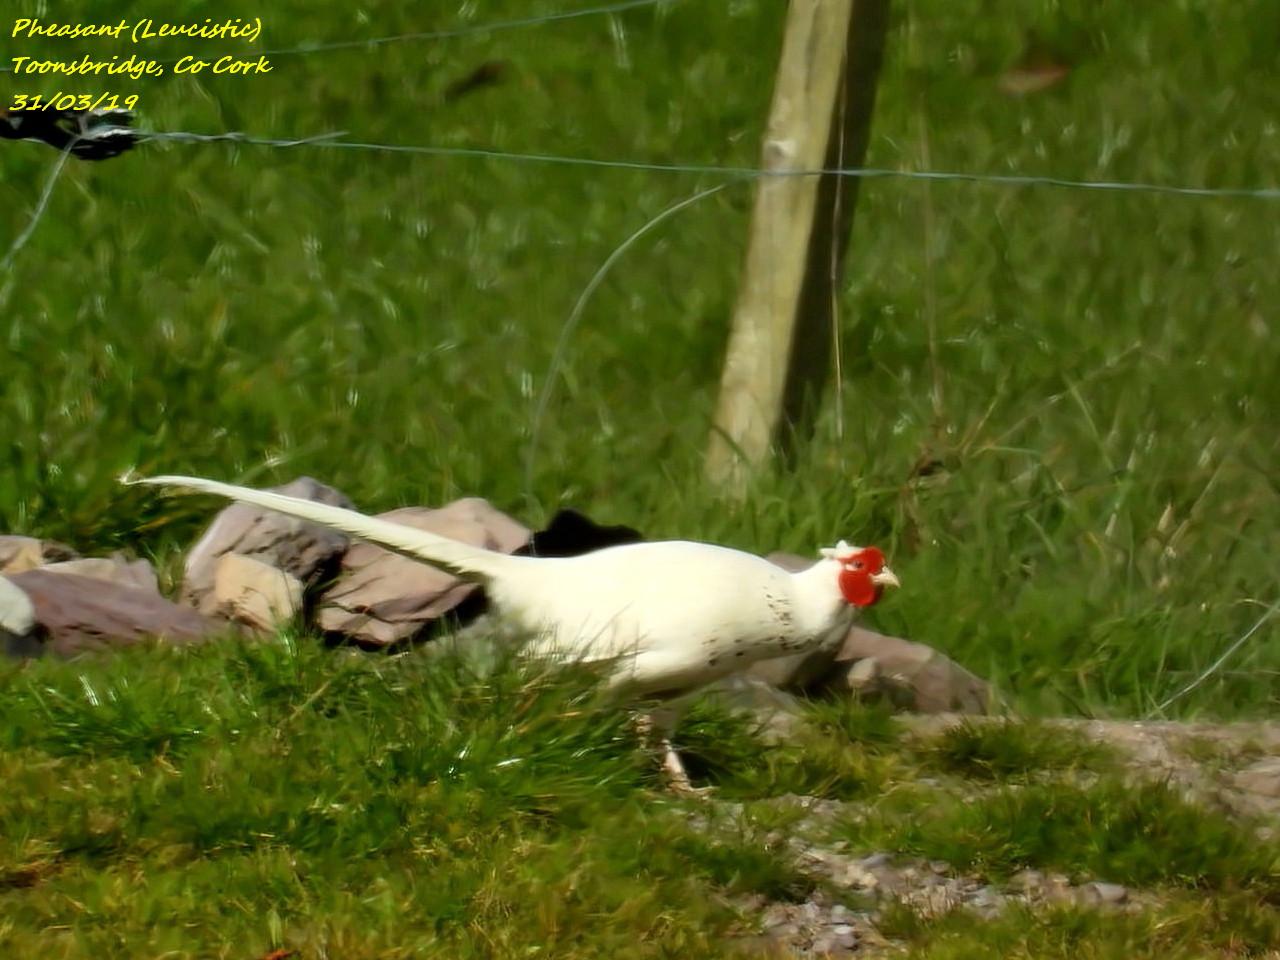 Pheasant (Leucistic) 4